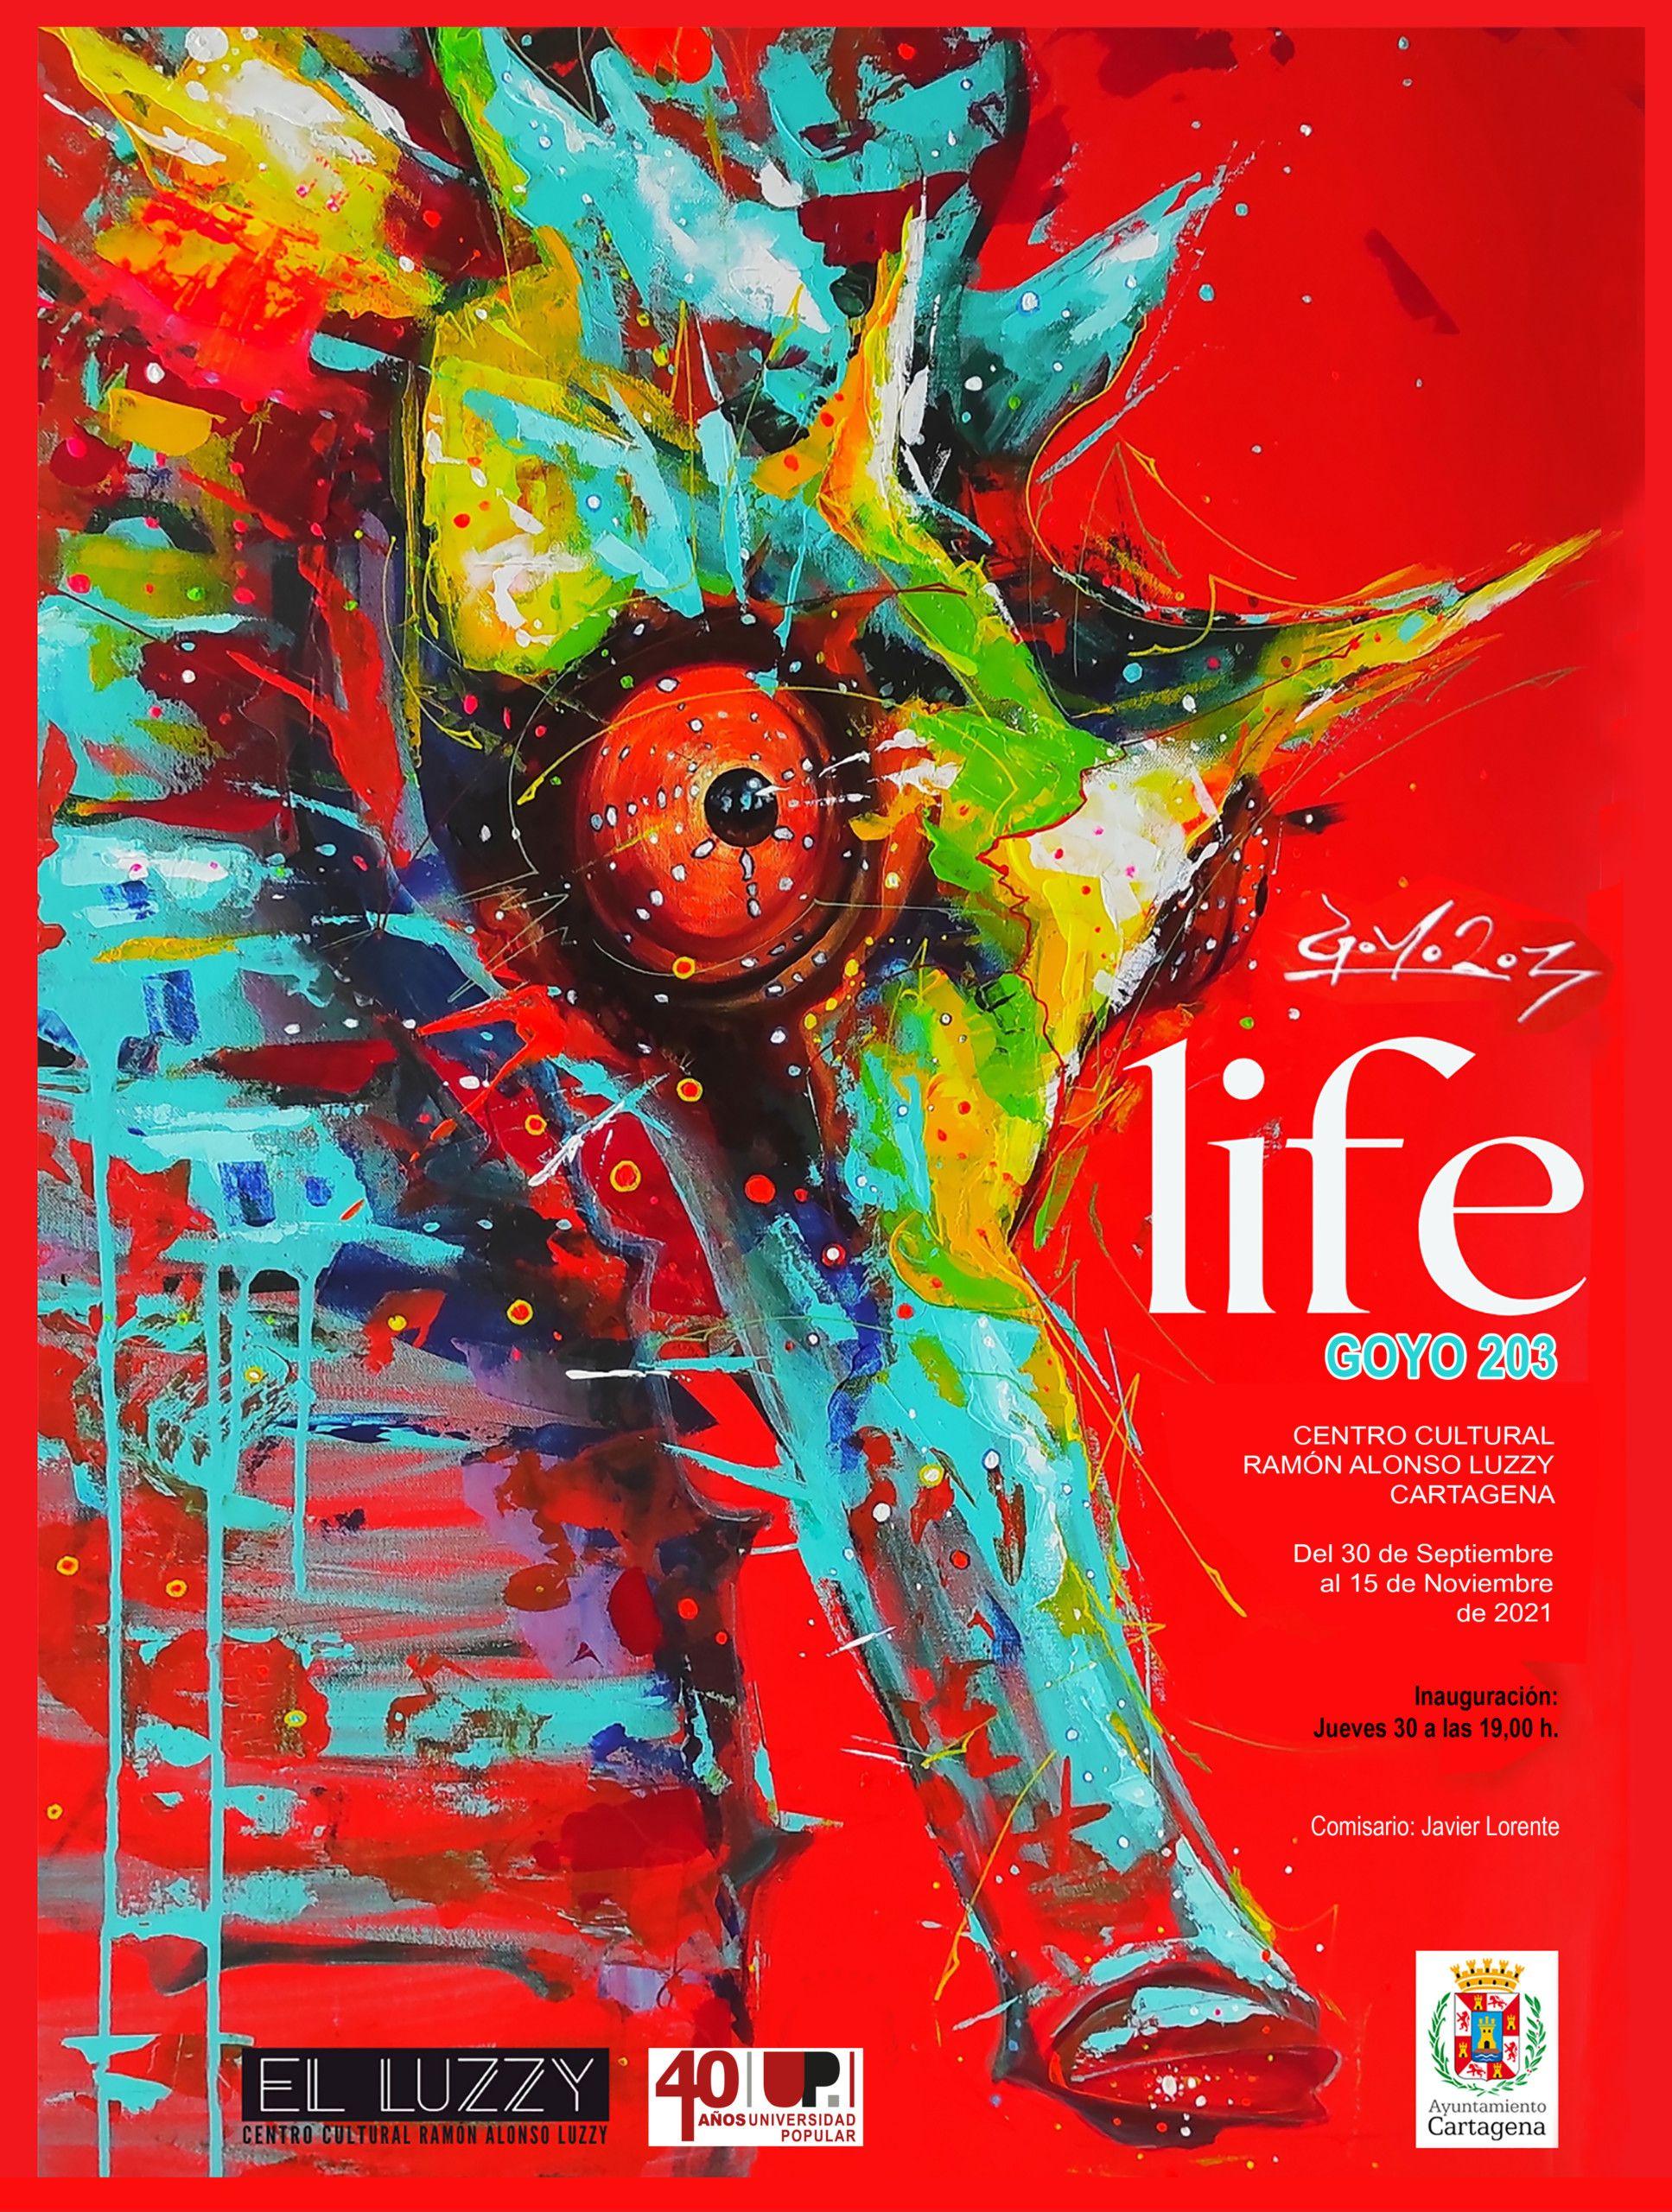 LIFE de Goyo 203 (Cartagena) -hasta el 15/11-